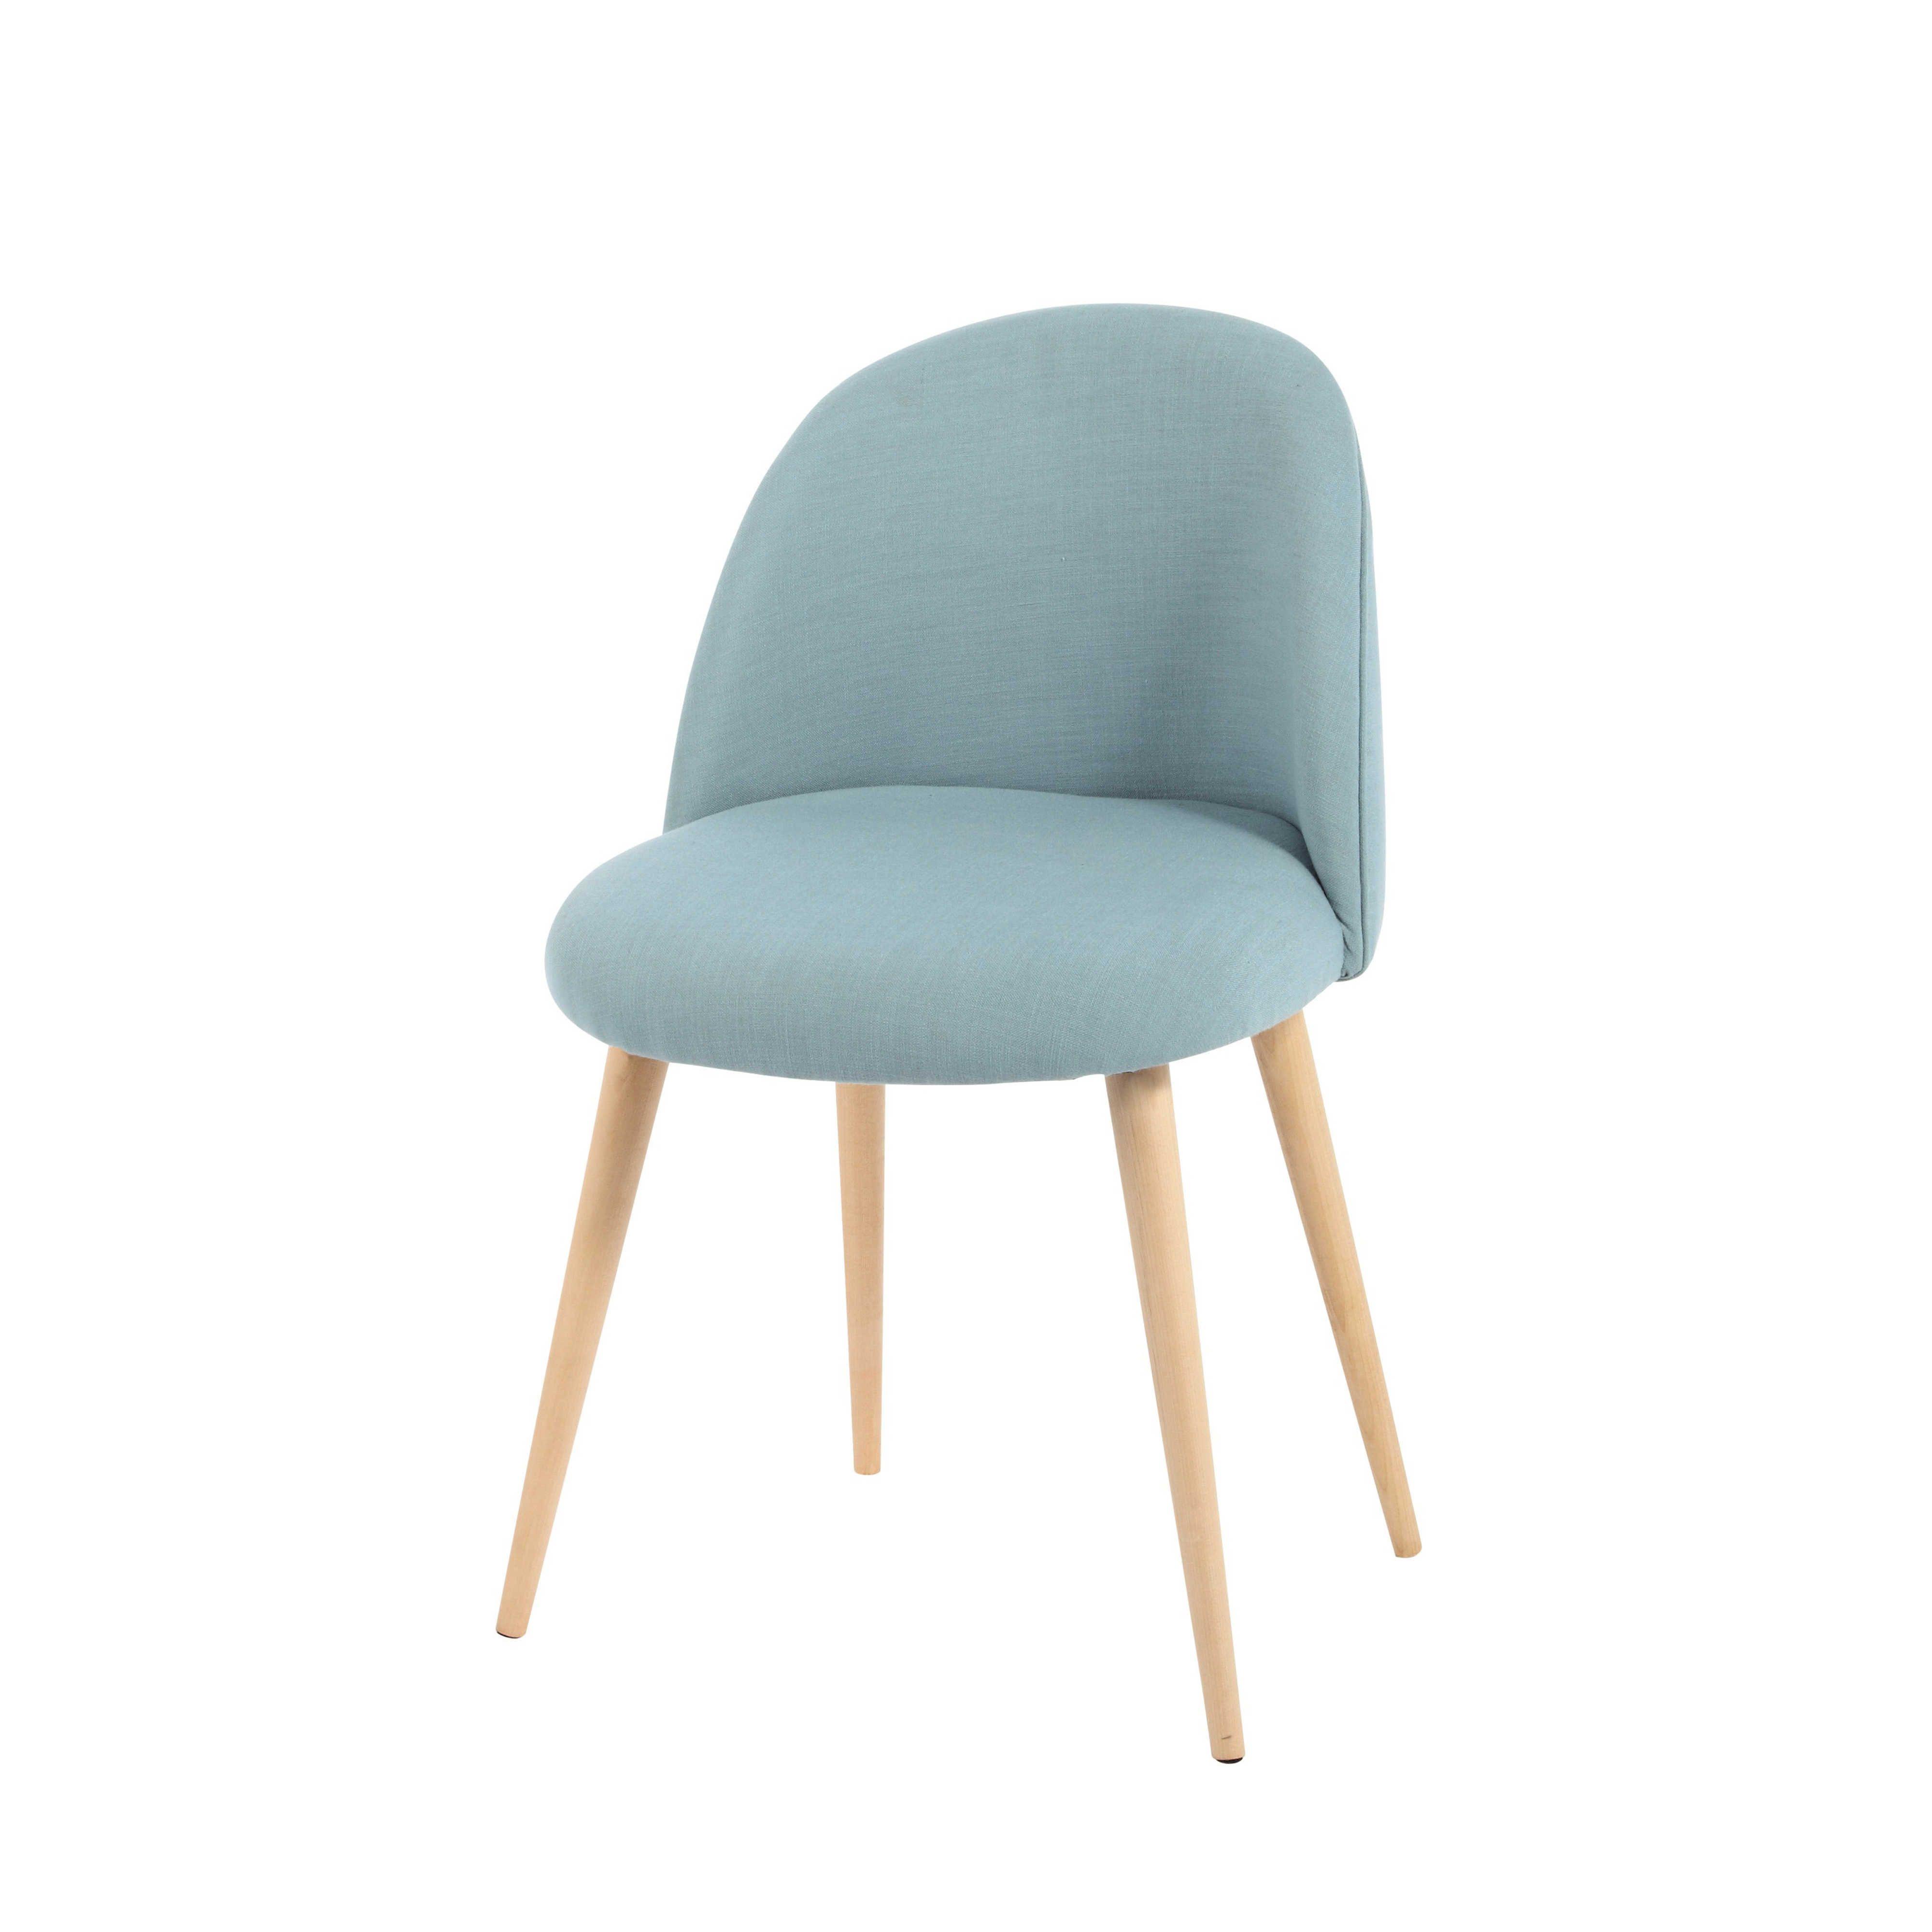 chaise vintage bleue et bouleau massif chaise vintage bouleau et massif. Black Bedroom Furniture Sets. Home Design Ideas